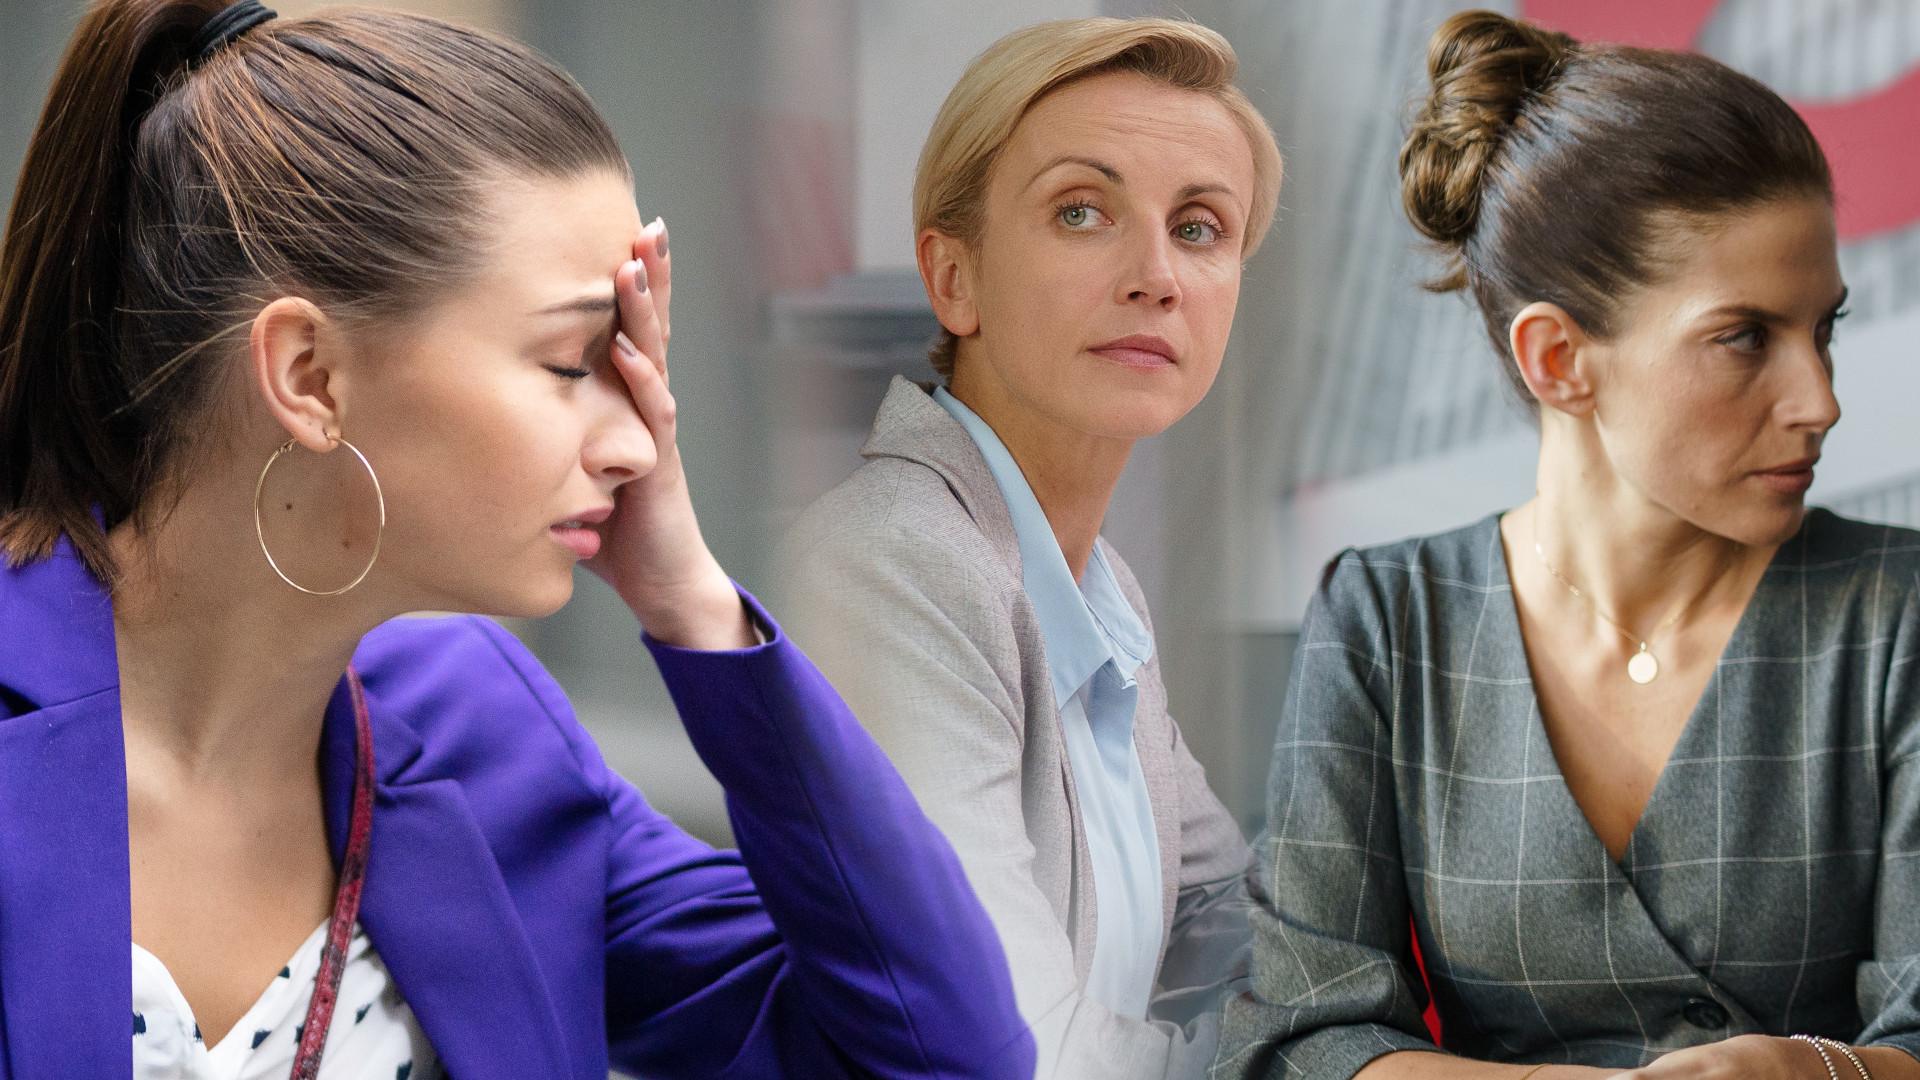 NOWY serial z Julią Wieniawą już od września – będą MOCNE sceny (ZDJĘCIA)